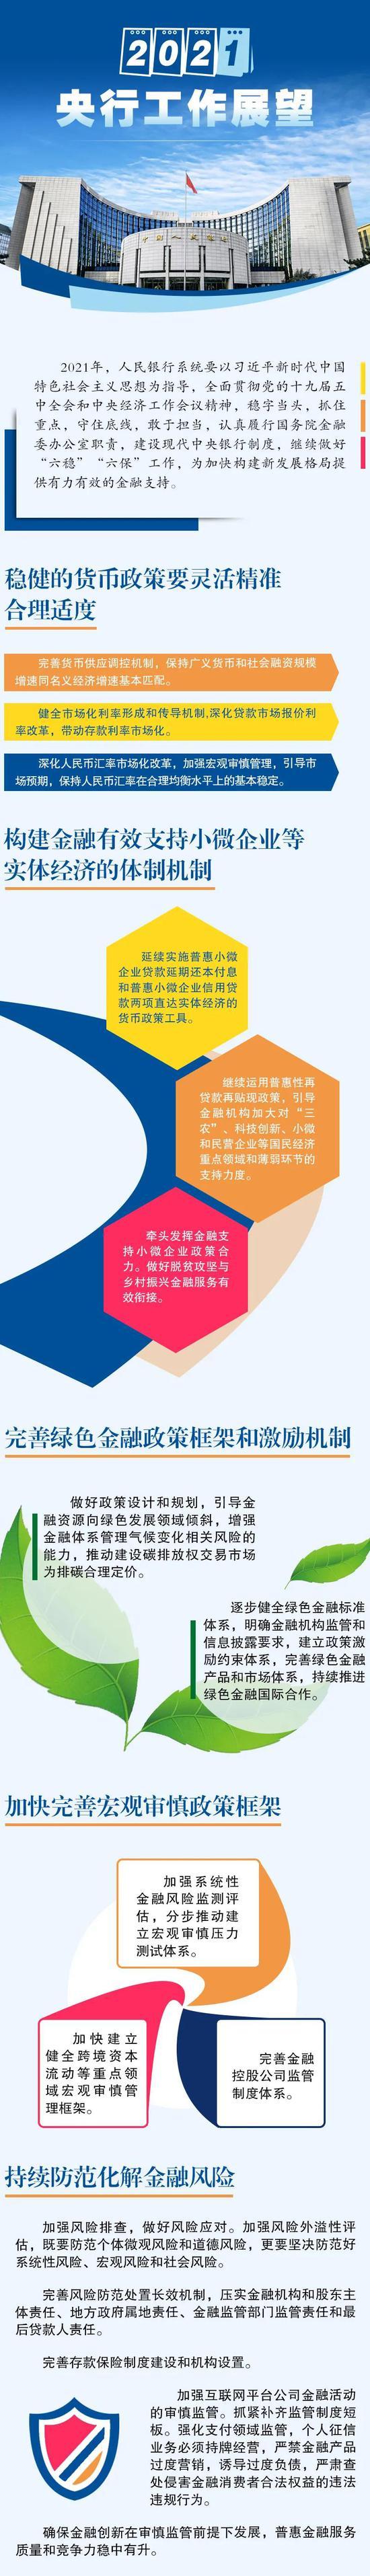 央行2021年工作展望:稳健的货币政策要灵活精准